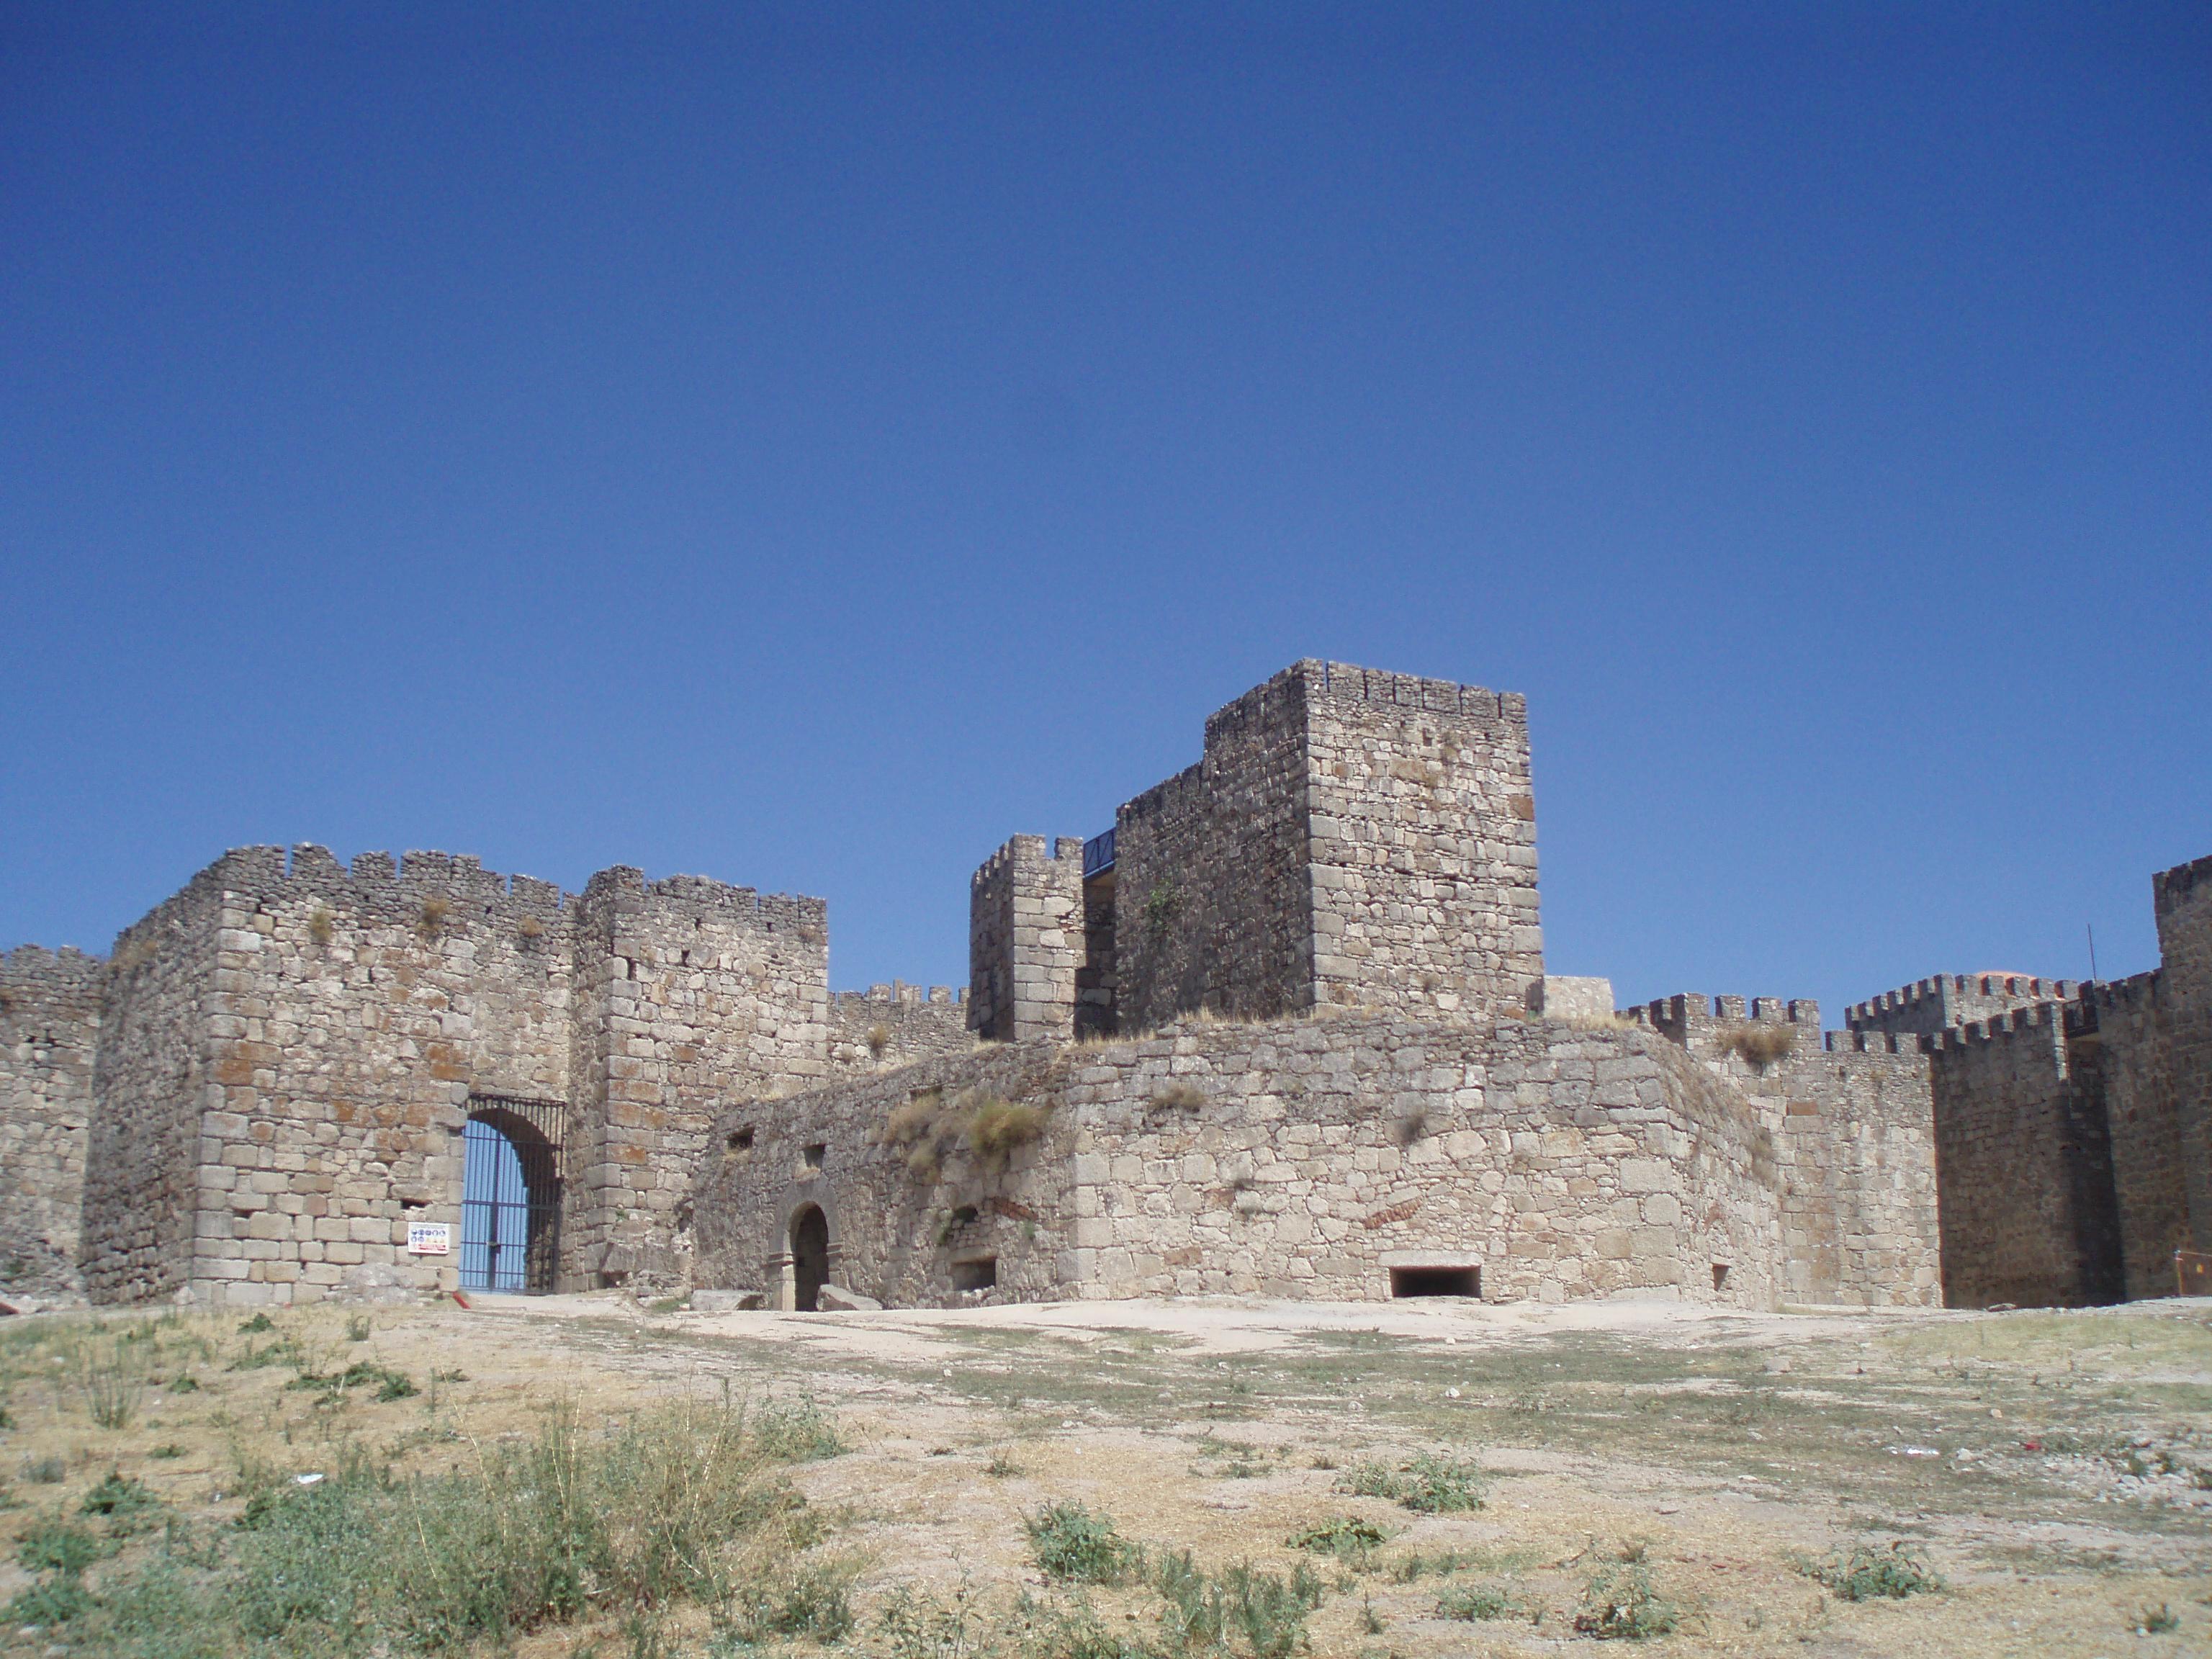 File:Fachada principal del castillo de Trujillo. (Cáceres).JPG - Wikimedia Co...